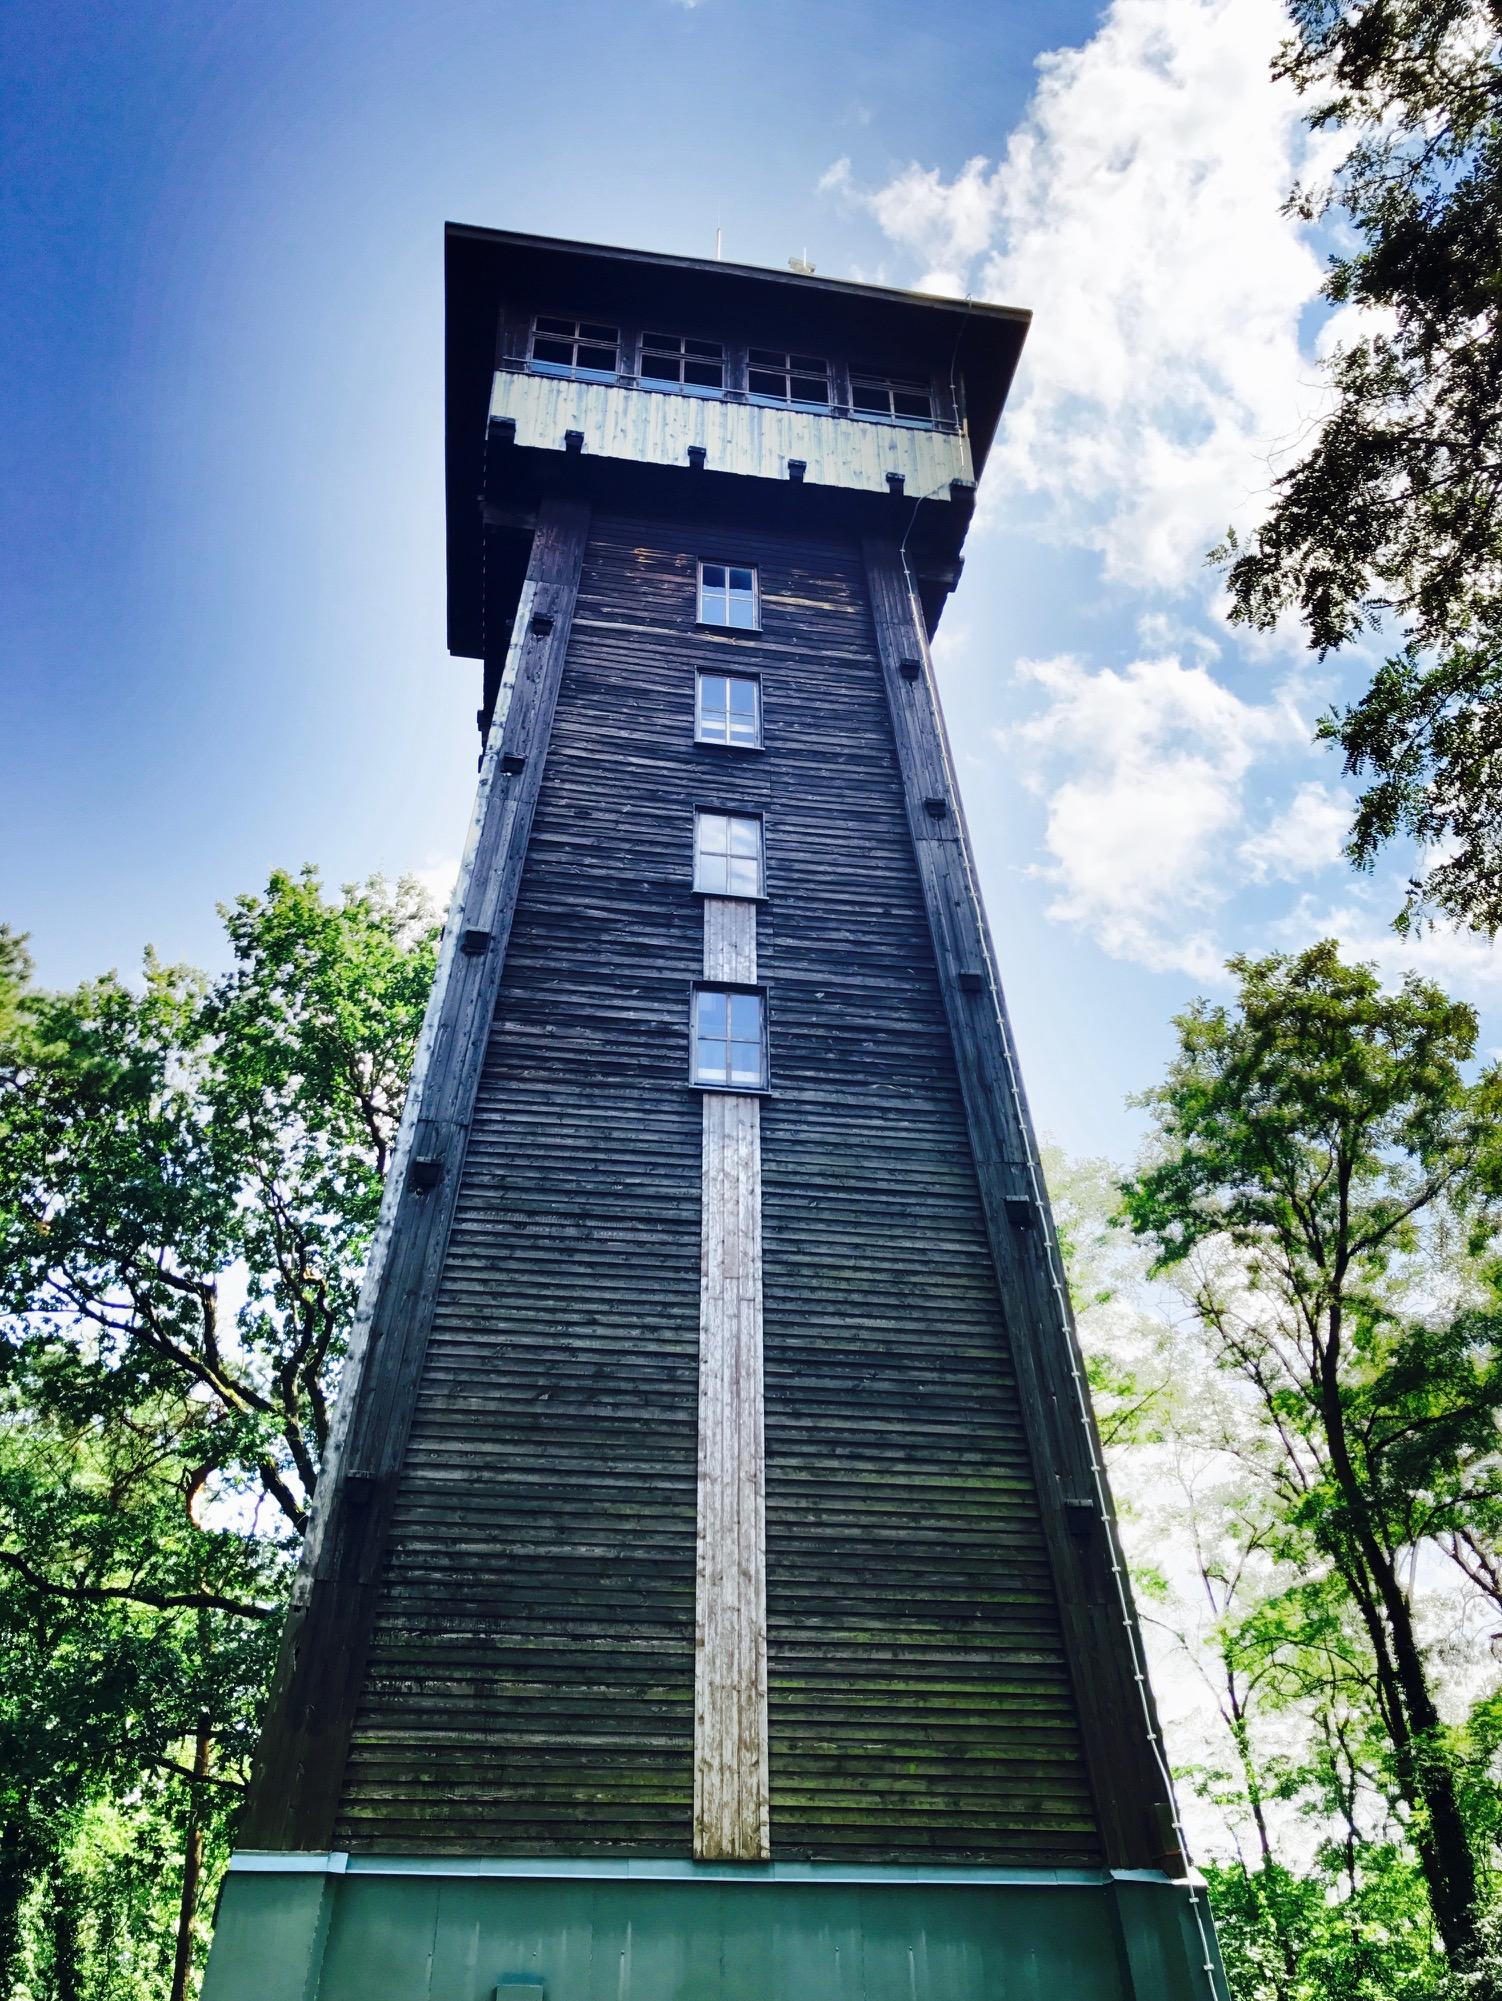 Blick auf den Aussichtsturm in Woltersdorf, Brandenburg